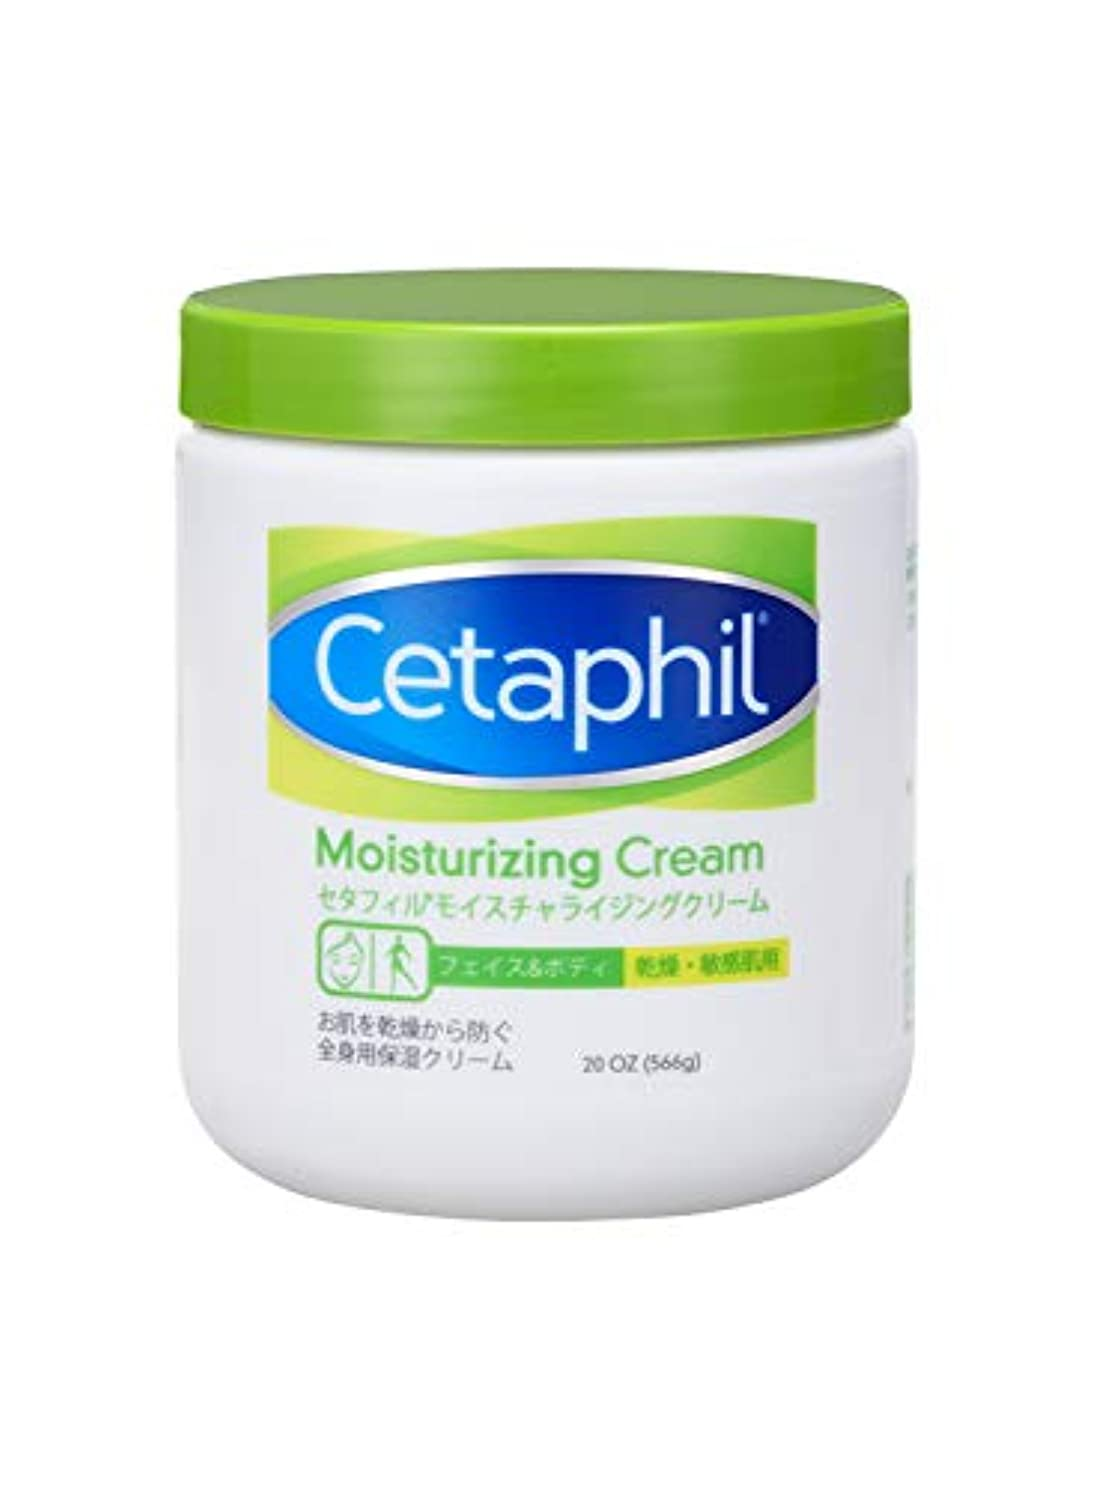 フライト素晴らしいです別のセタフィル Cetaphil ® モイスチャライジングクリーム 566ml ( フェイス & ボディ 保湿クリーム クリーム )